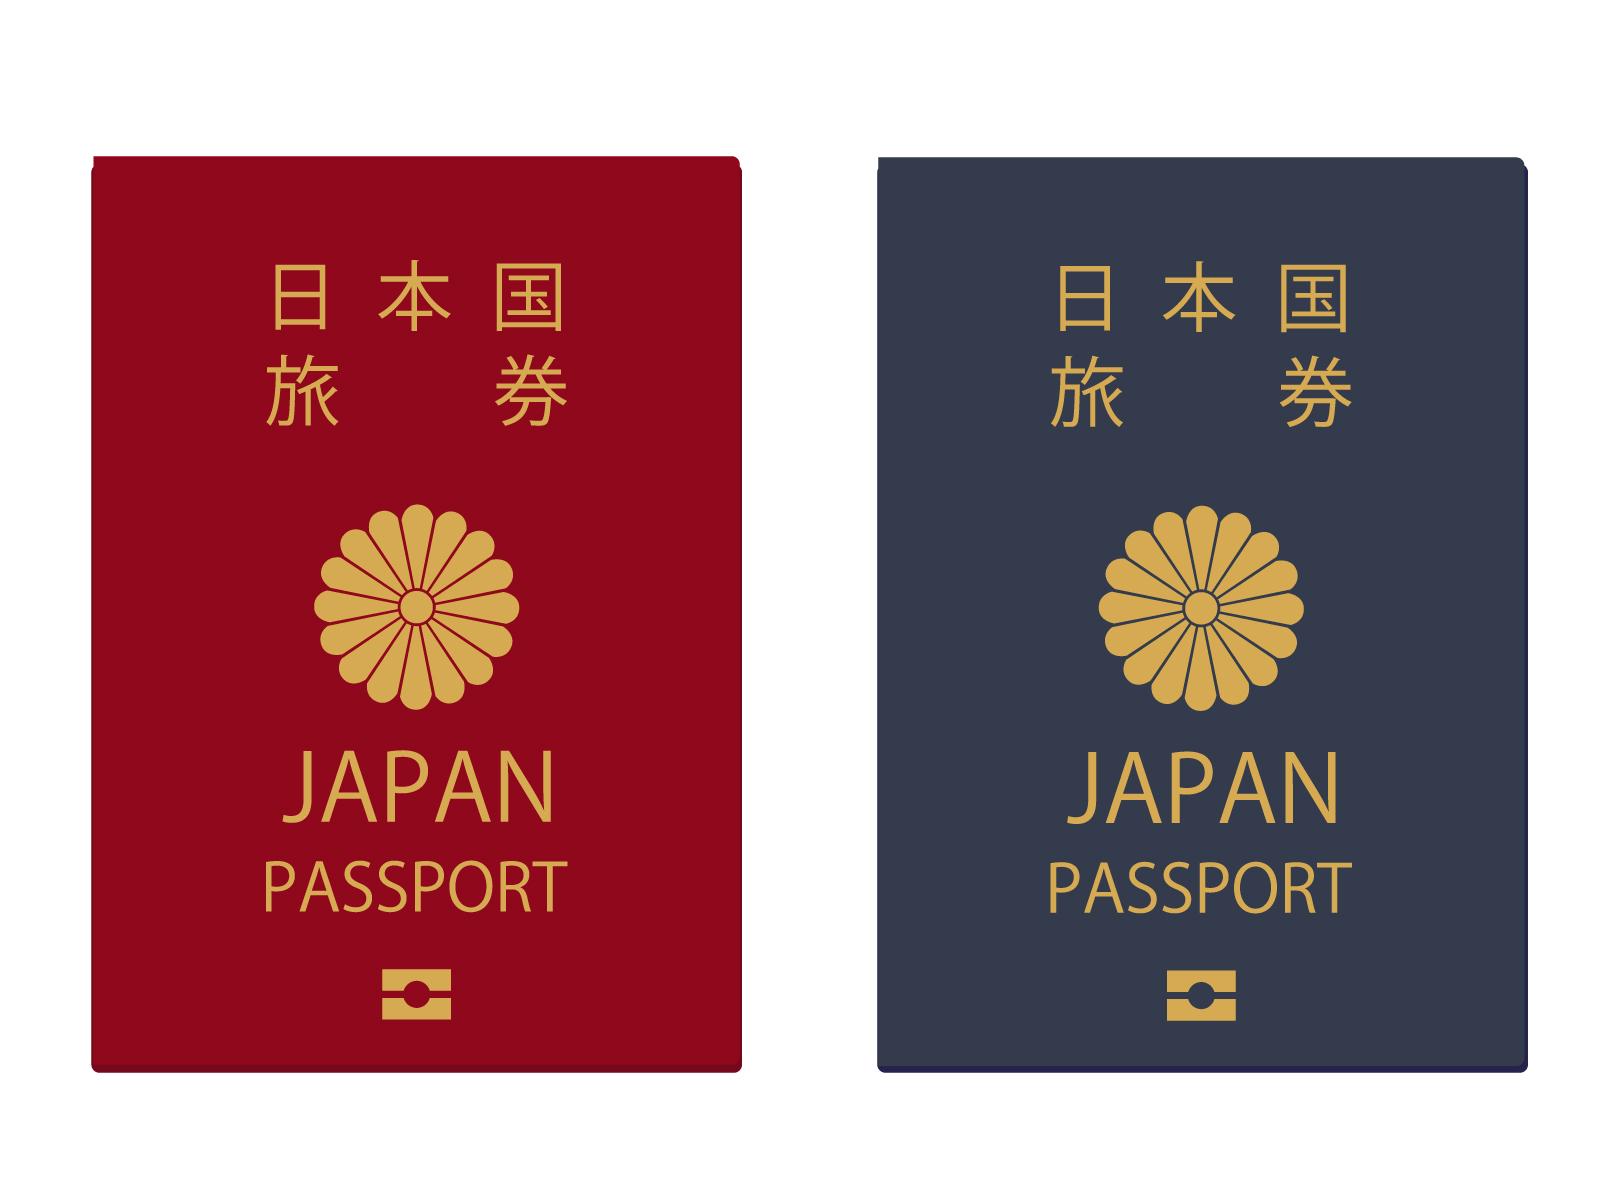 パスポートのイメージ画像2